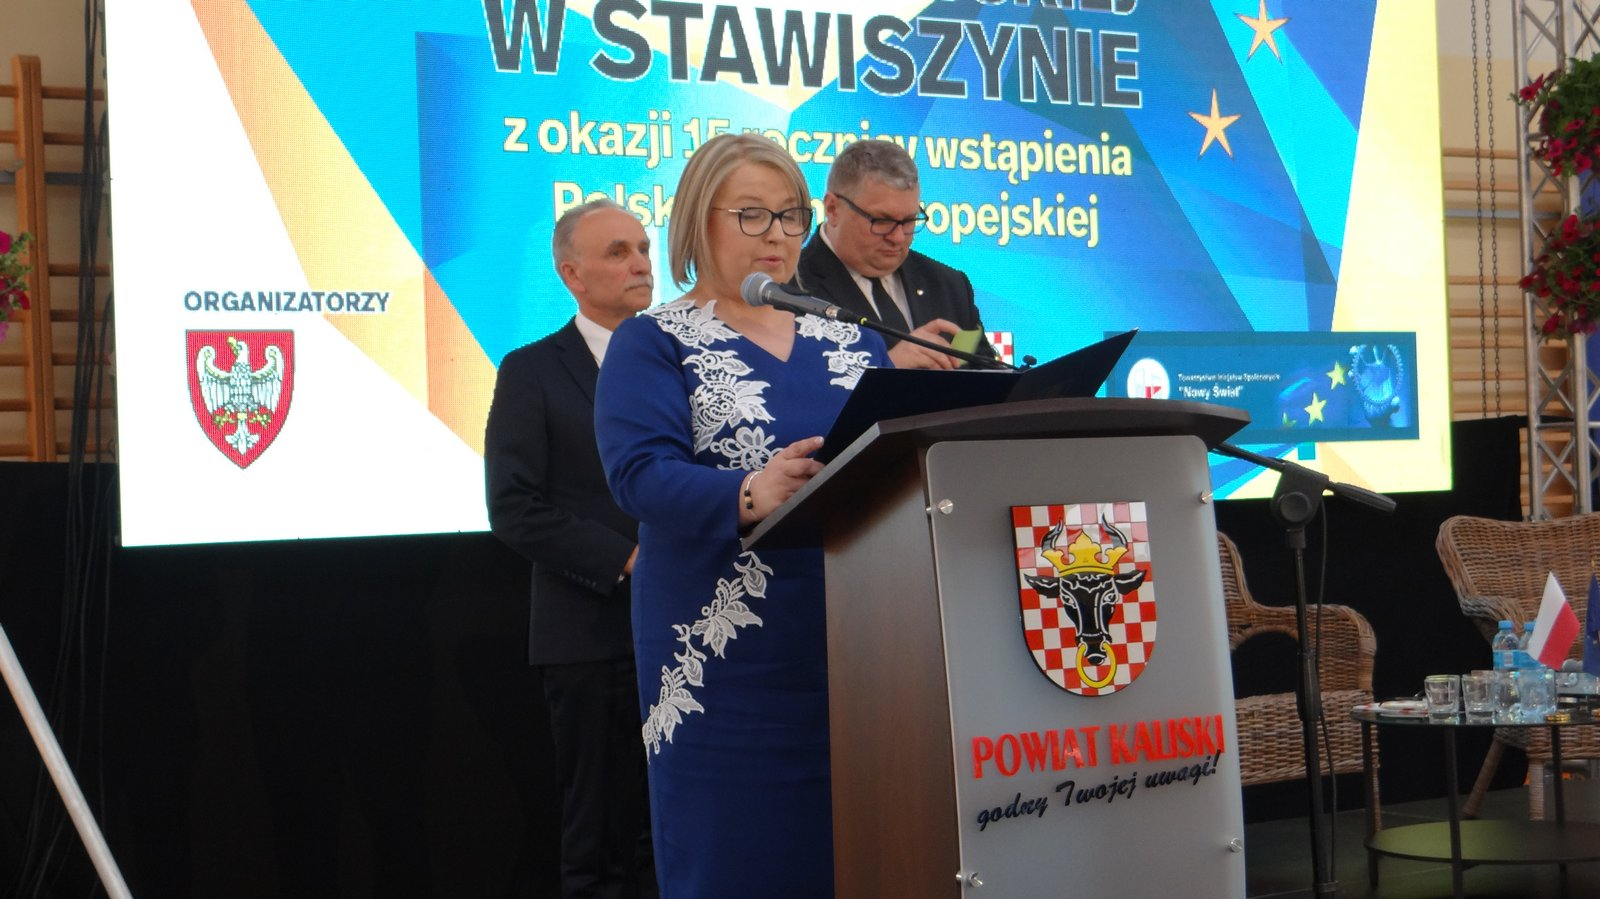 dsc09449 - Wielkopolska zaradność i pracowitość doceniona na Forum Wielkopolskiej Wsi Europejskiej